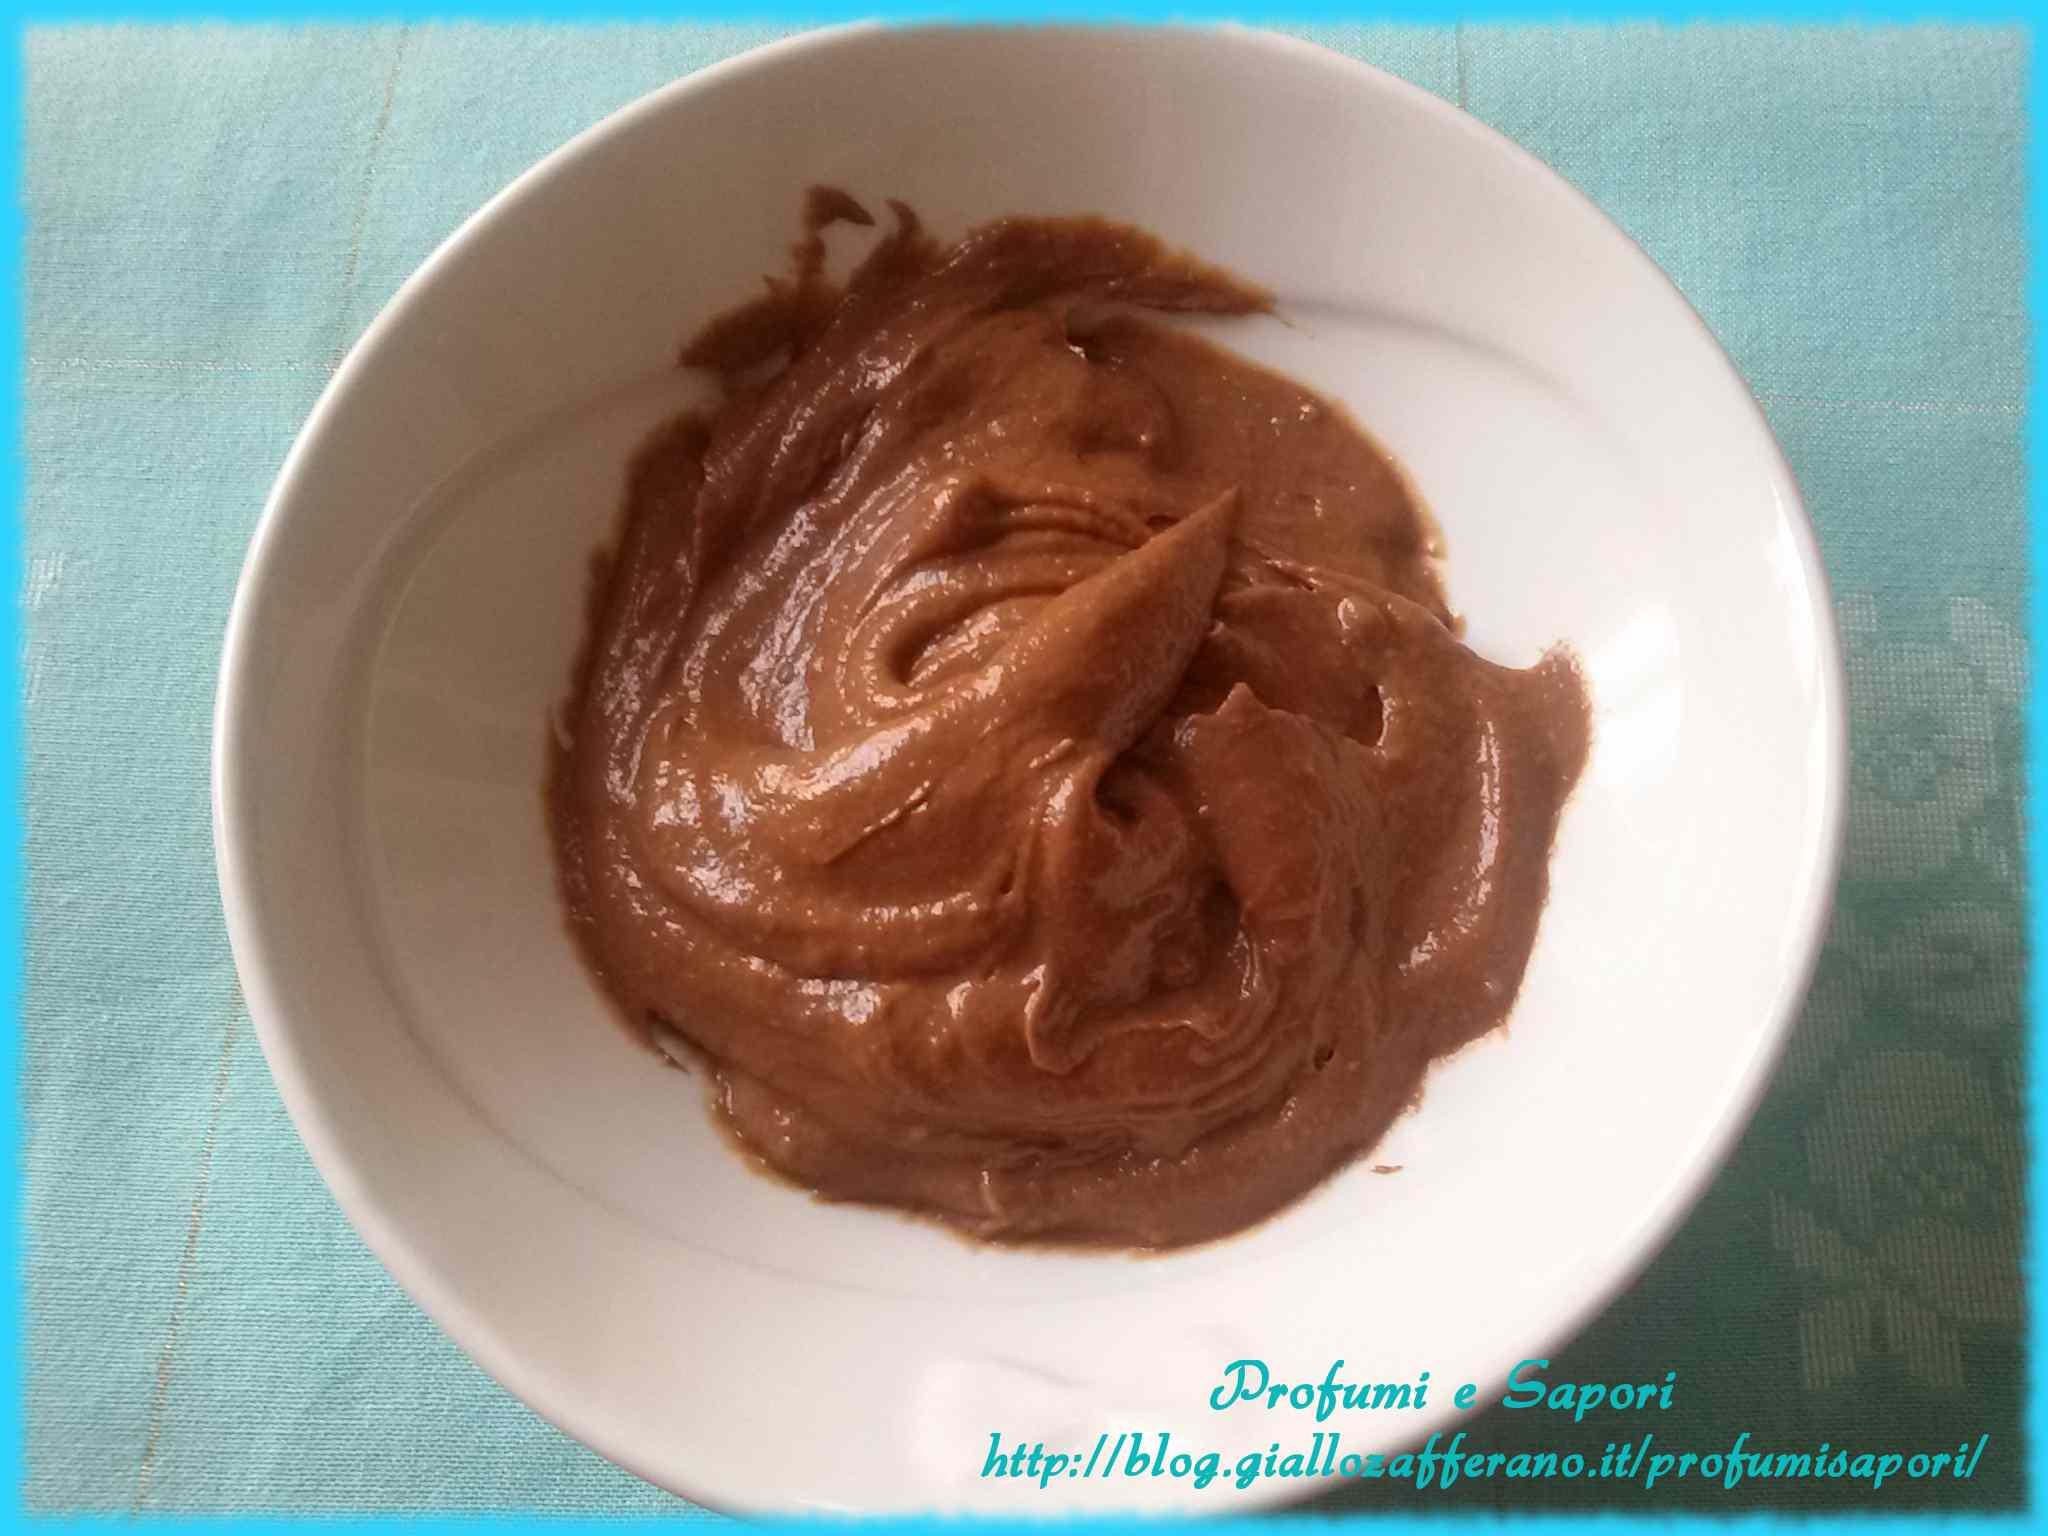 Ricetta: Crema pasticcera al cioccolato